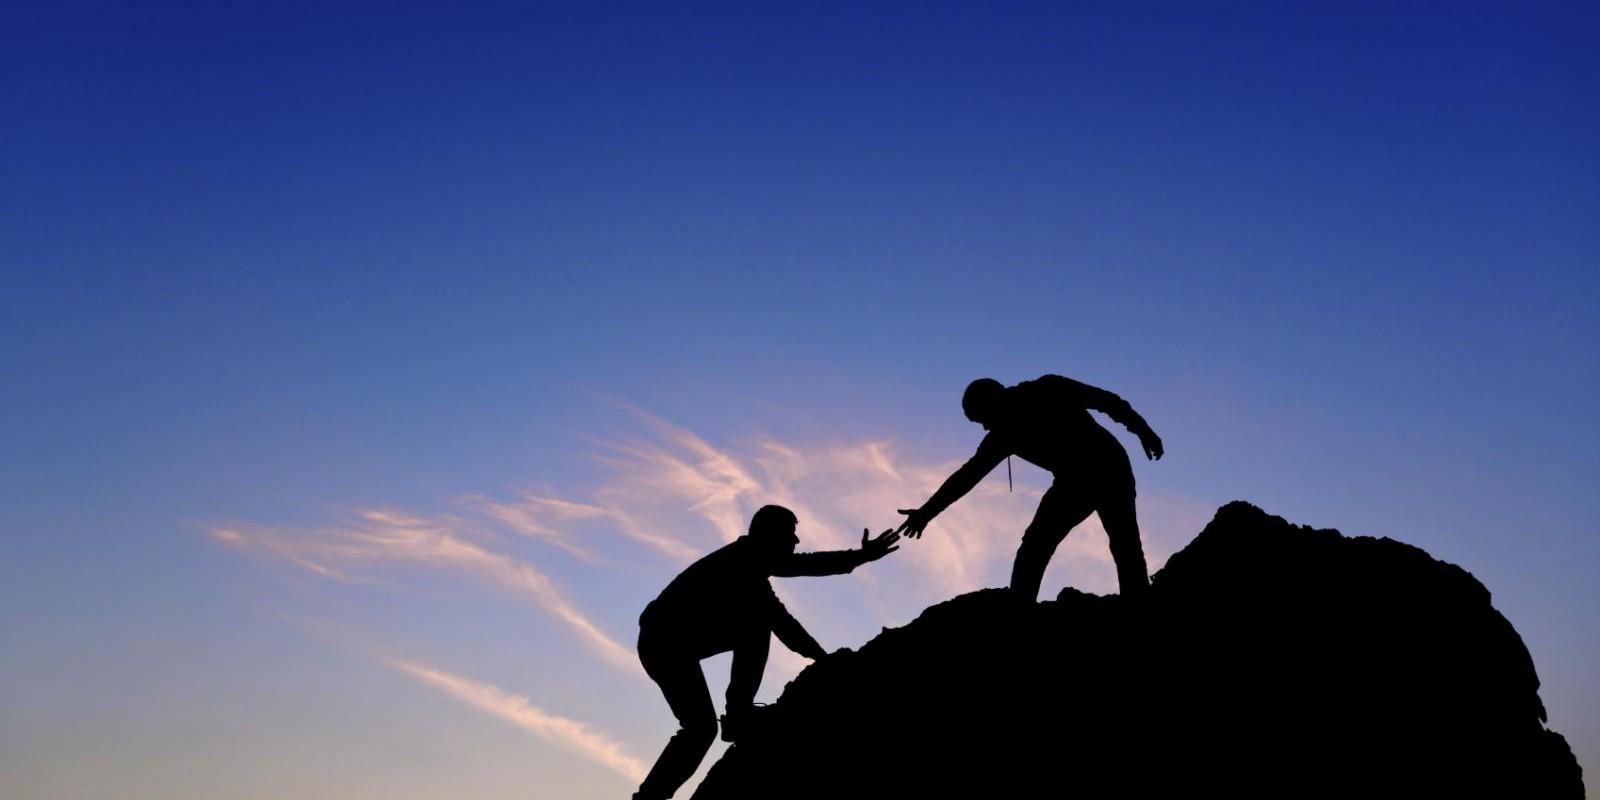 Muitos que não são dignos do teu favor irão buscá-lo; e muitos dignos não o buscarão, devem ser encontrados